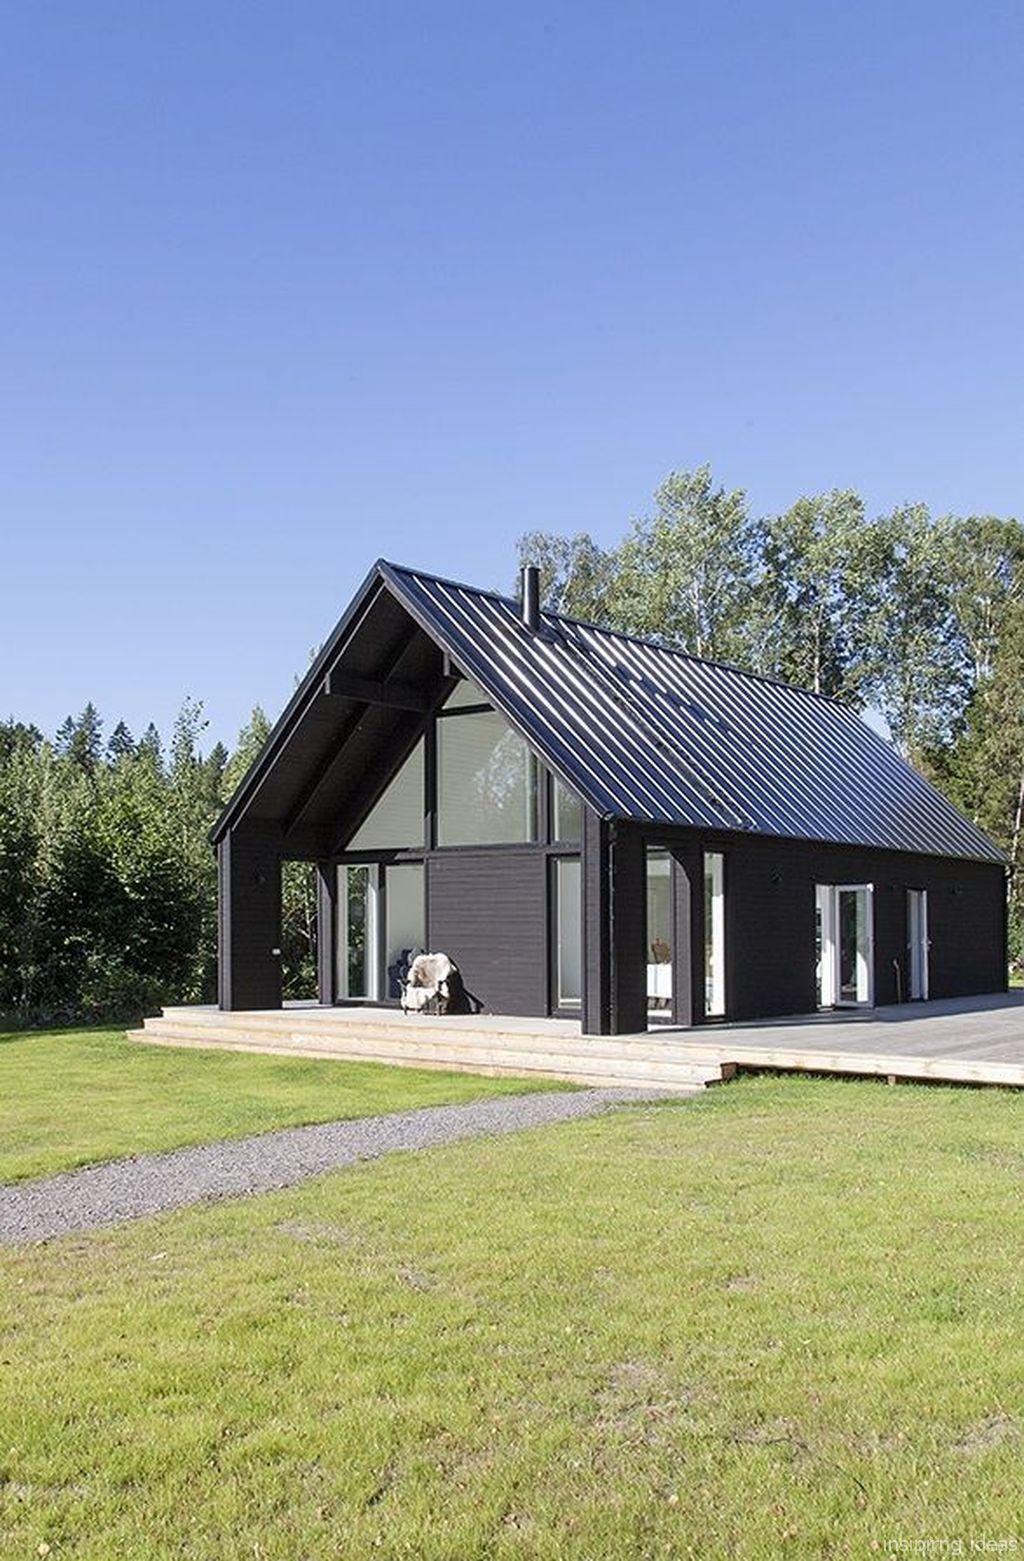 45 Inspiring Small Modern Farmhouse Exterior Design Ideas - augustexture.com